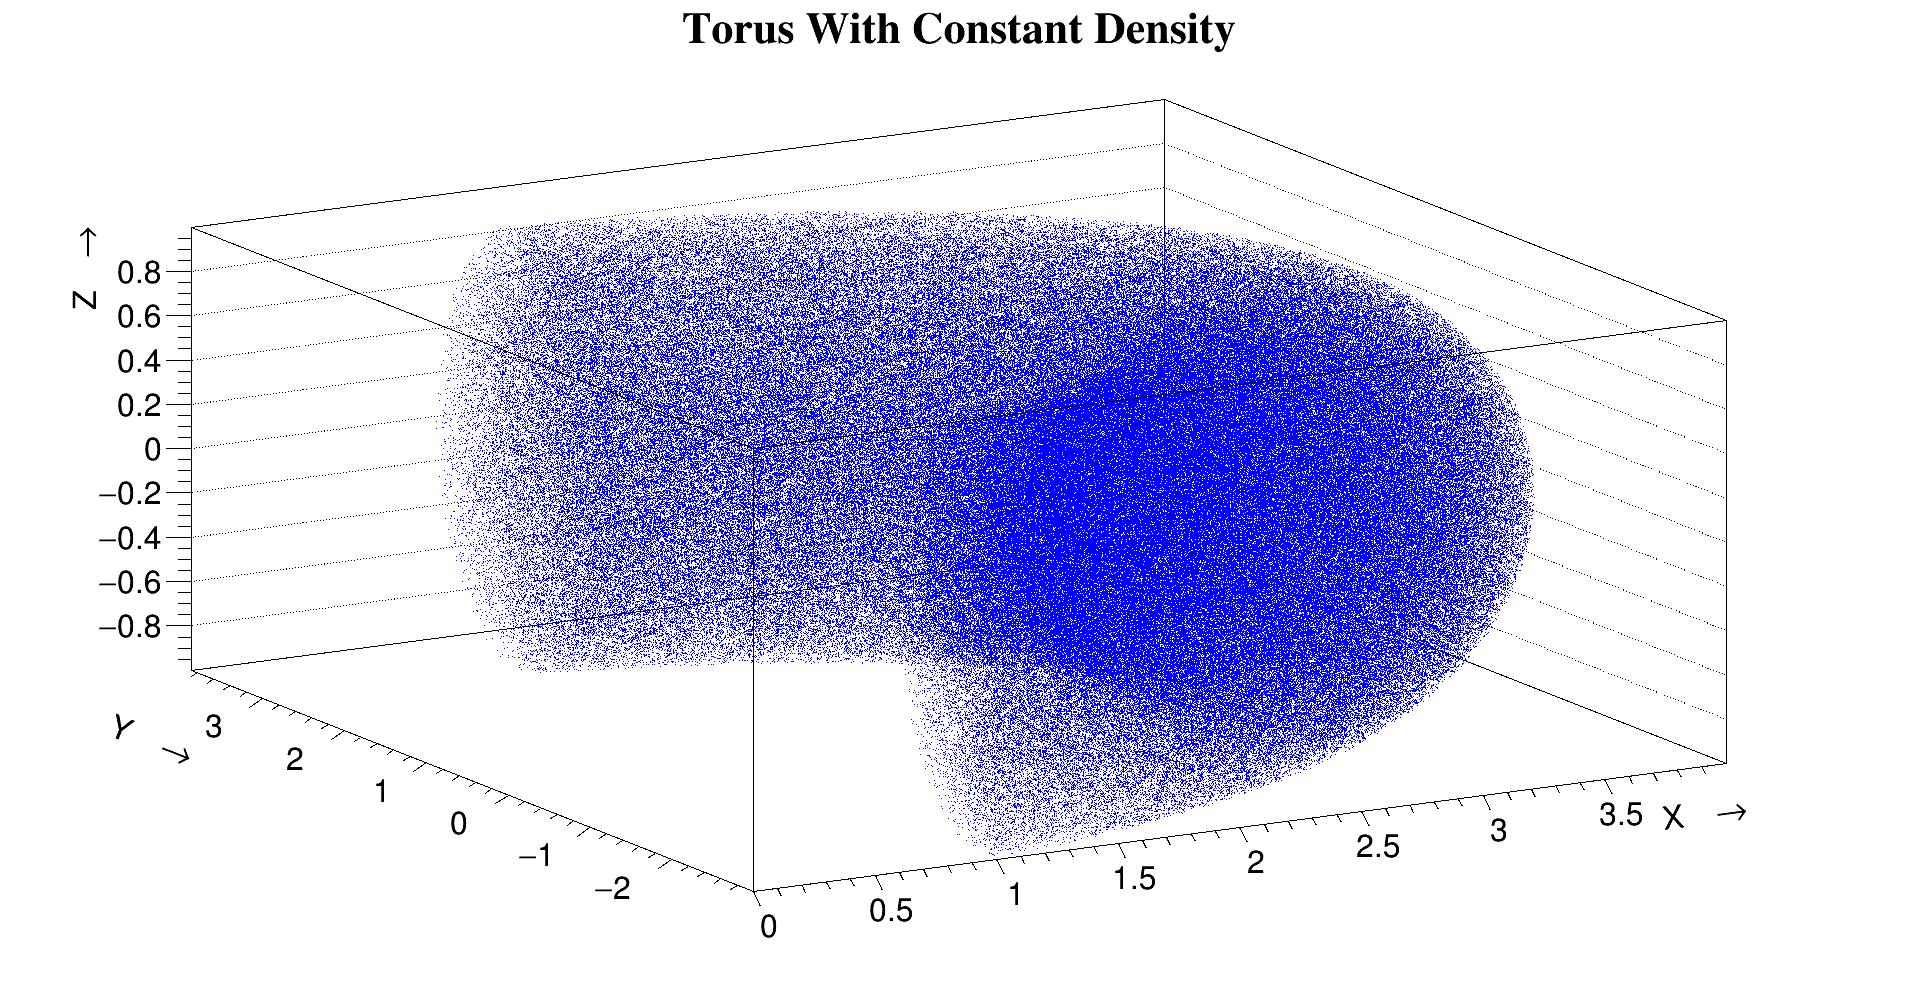 torus1_1.png